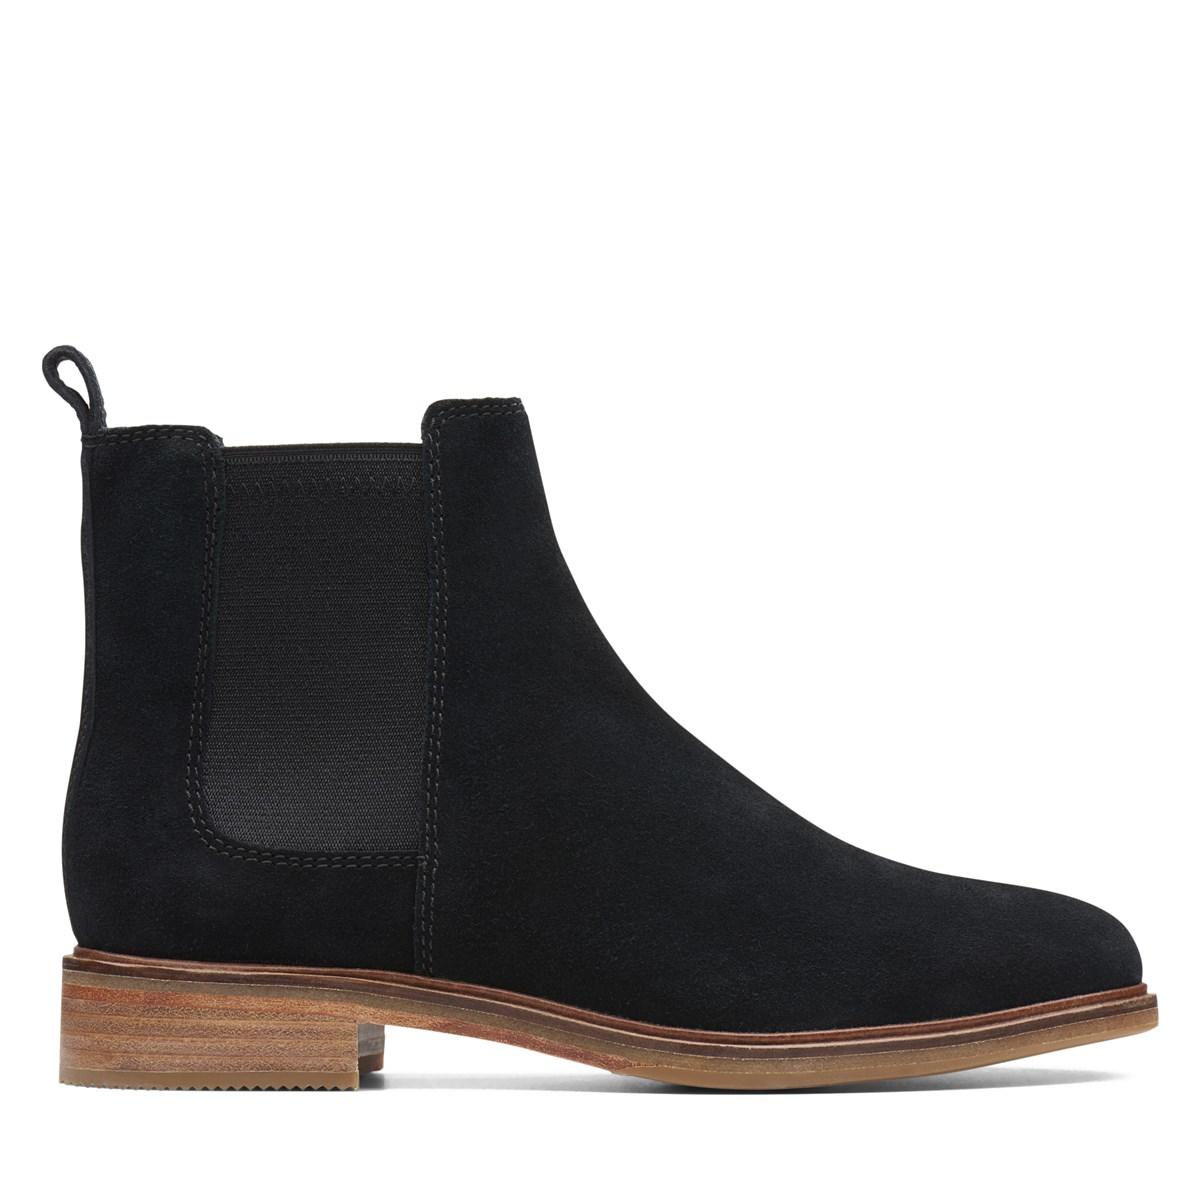 Women's Clarkdale Arlo Chelsea Boots in Black